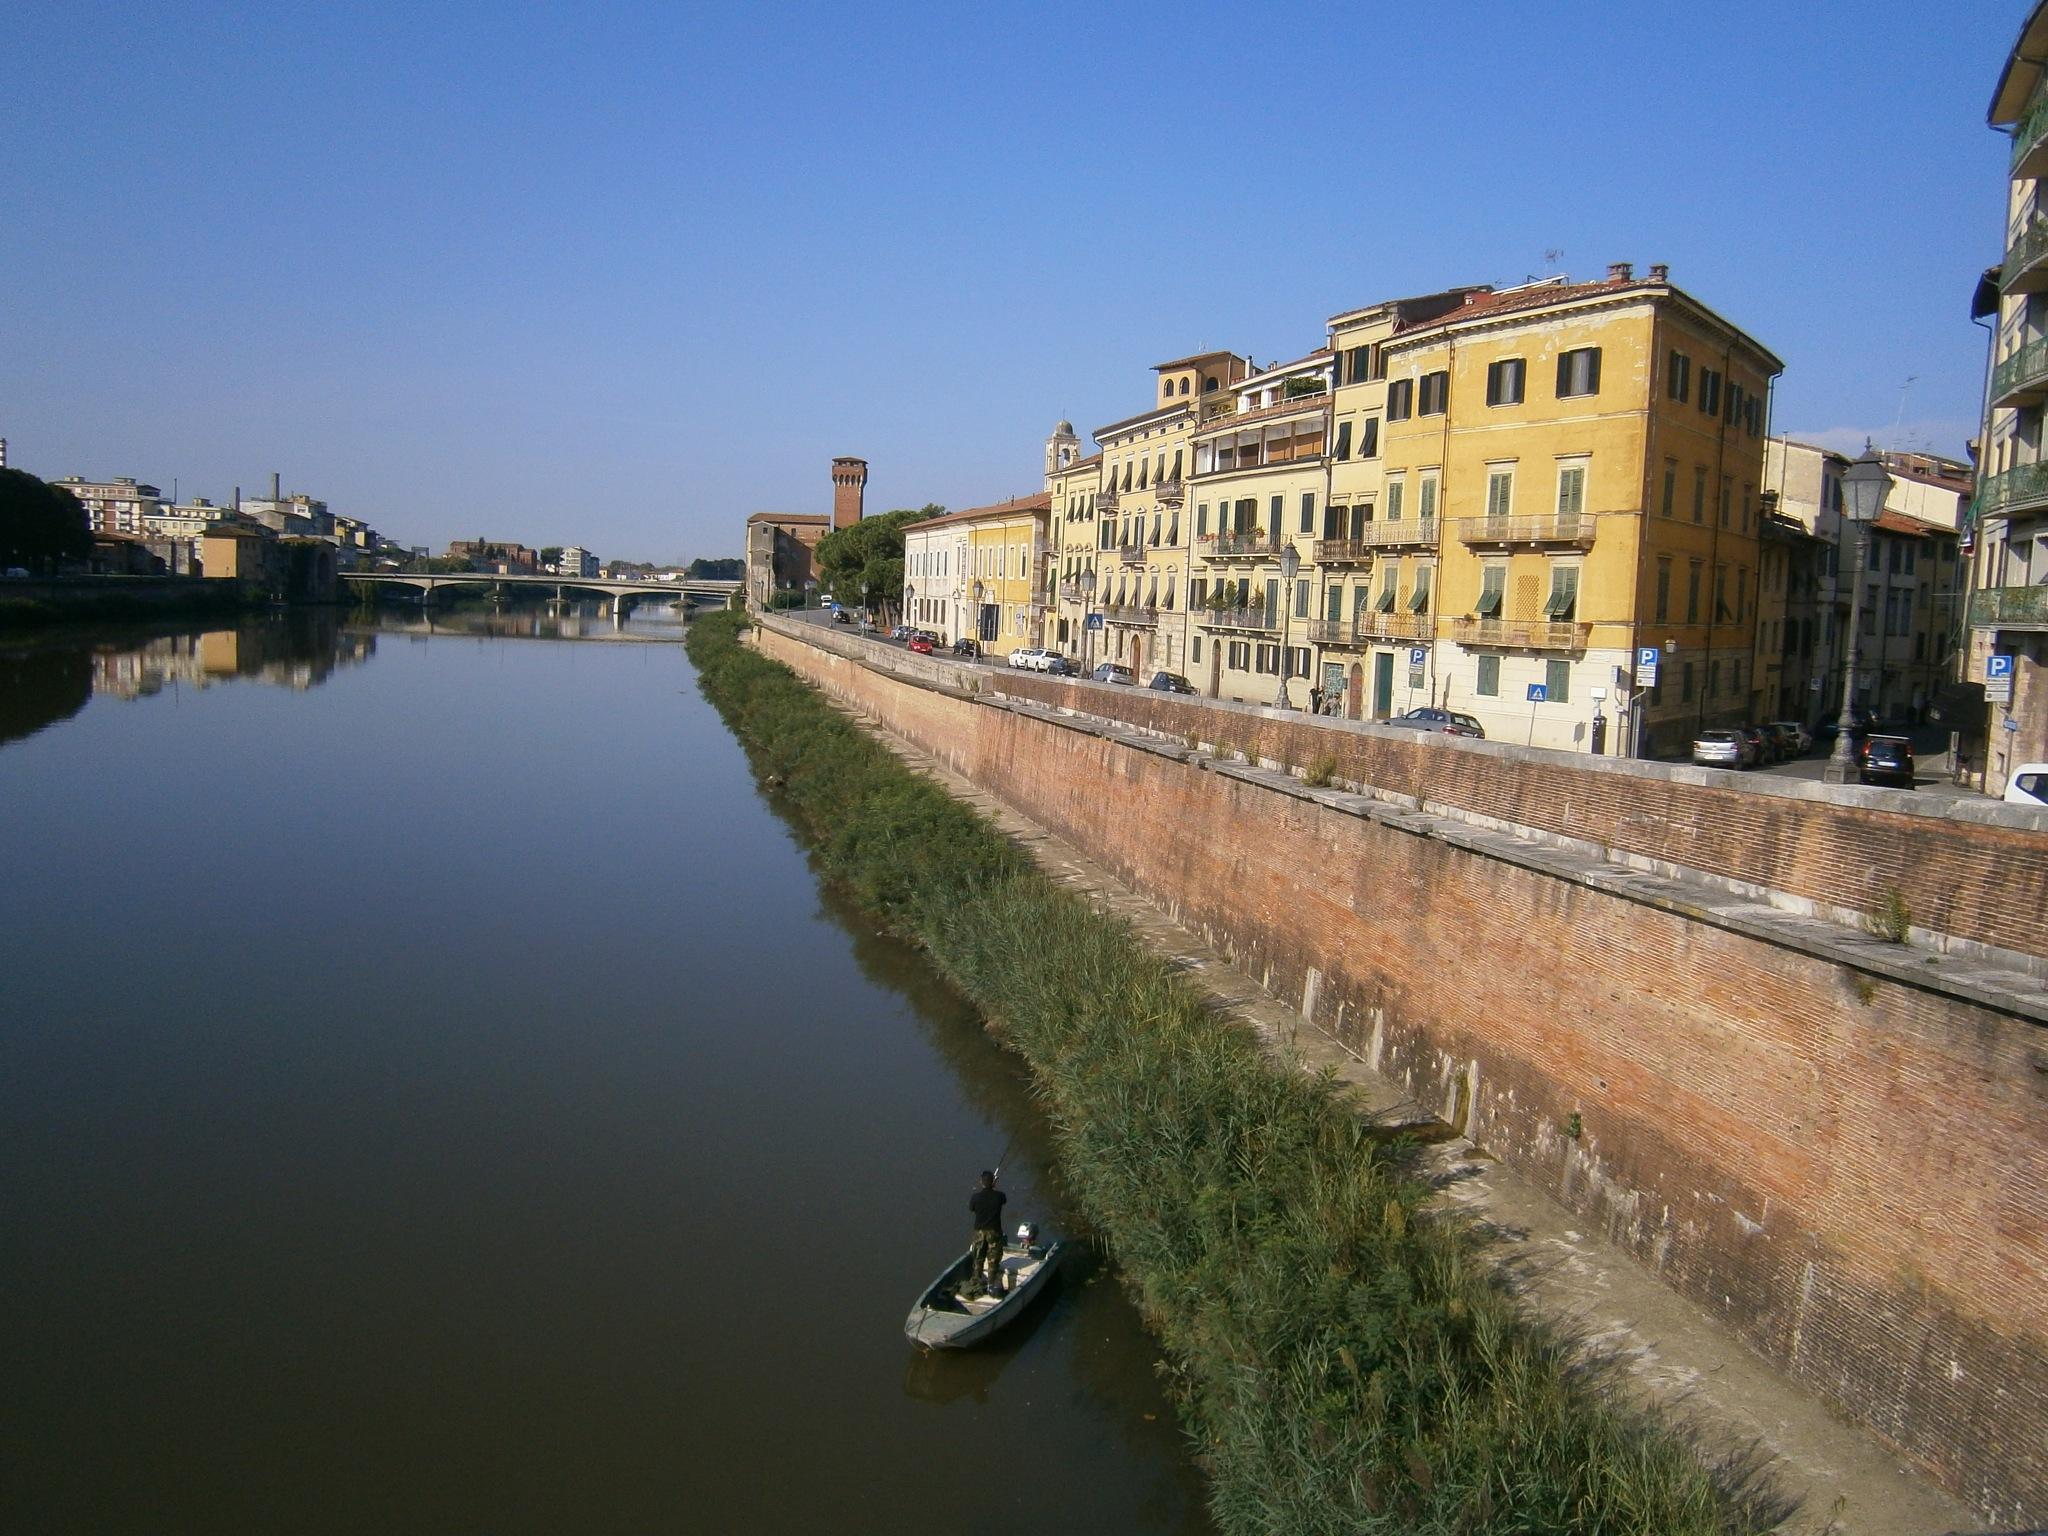 Pisa - Italy by Roberto Bortolotto